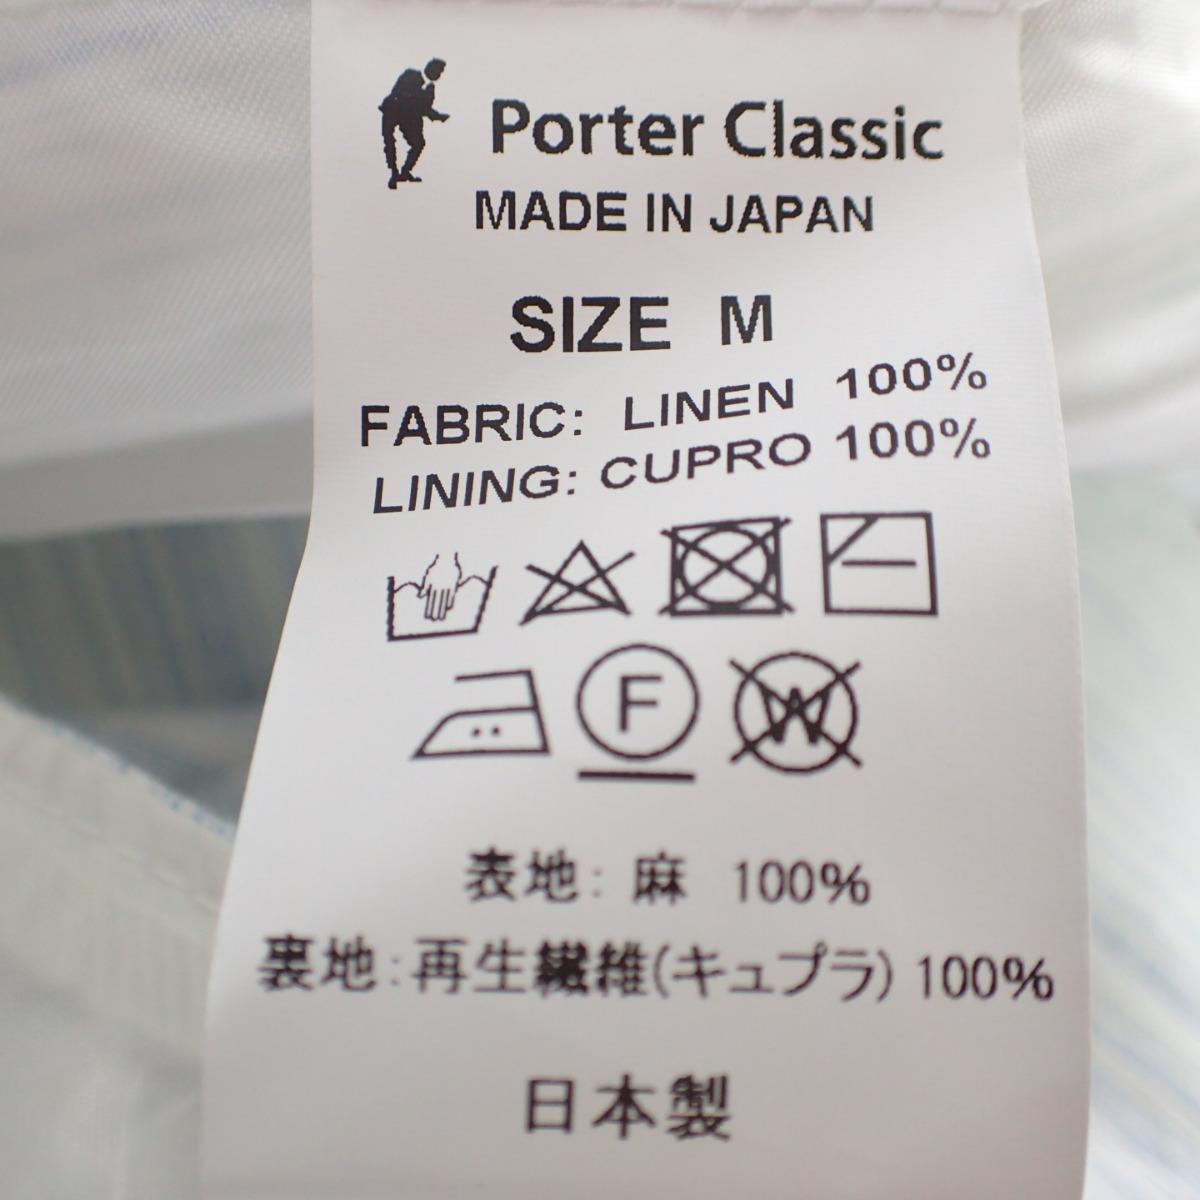 Porter Classic ポータークラシック19SSLINEN STRIPE CLASSIC THREE PIECE リネンストライプクラシックスリーピース ジャケットM ベストL パンツL スーツ L BLUE メンズdCtxBshQr